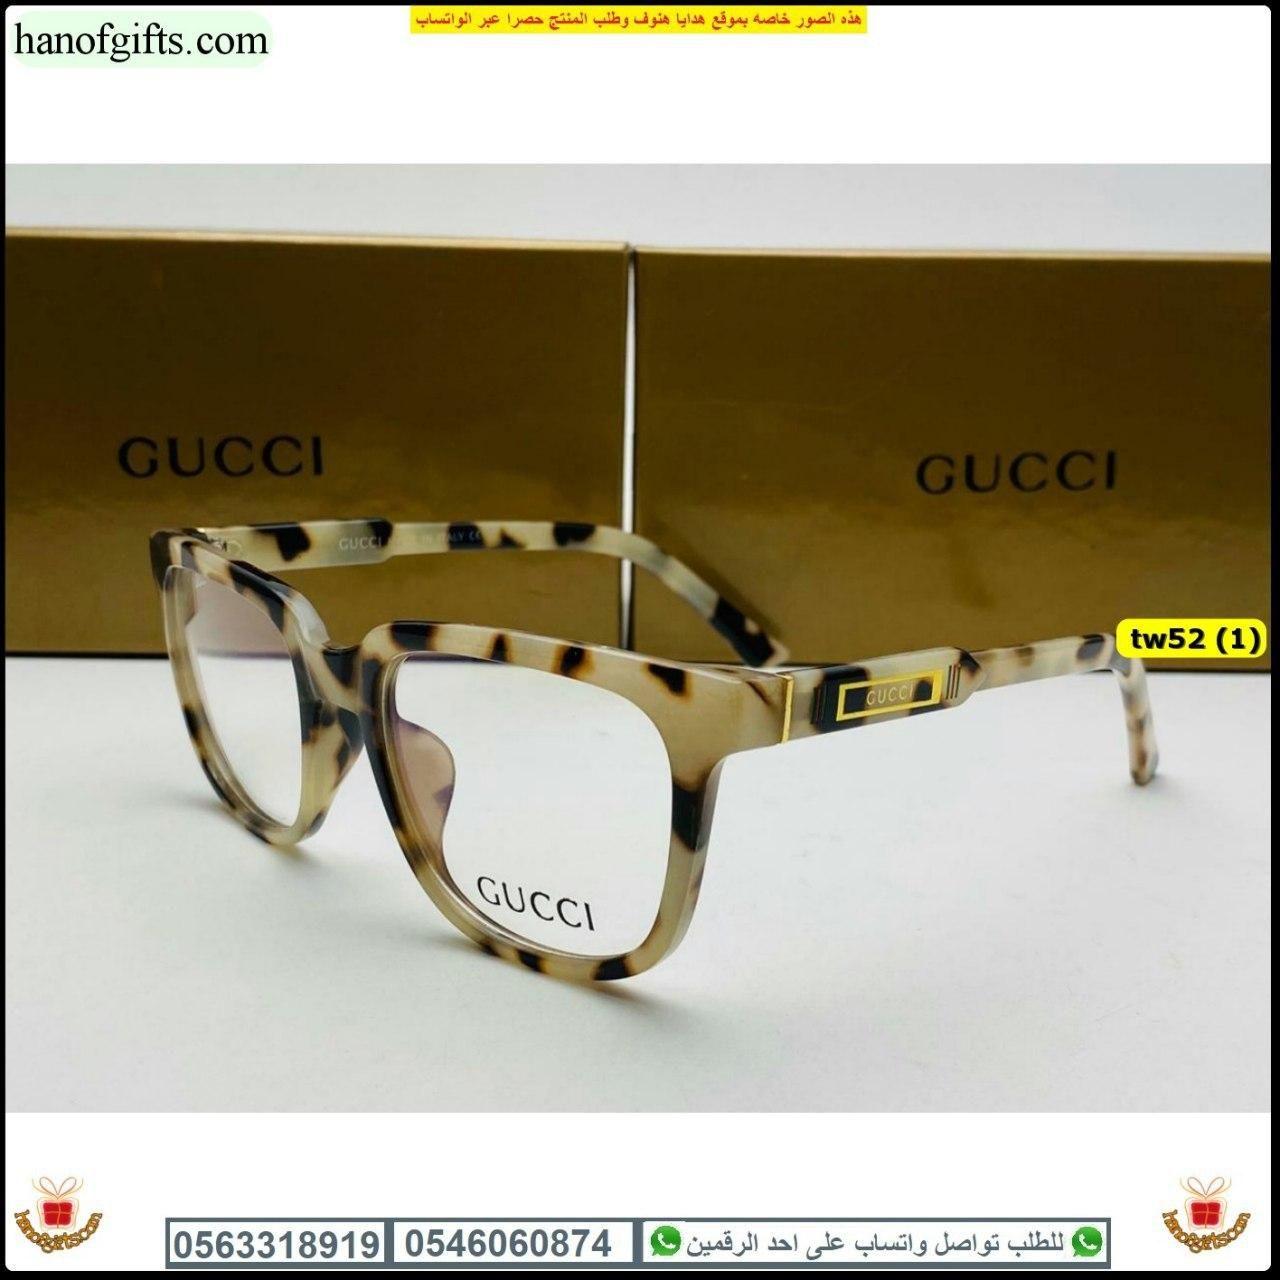 نظارات قوتشي الجديده افخم الموديلات مع كيس و علبة الماركة هدايا هنوف Glasses Sunglasses Fashion